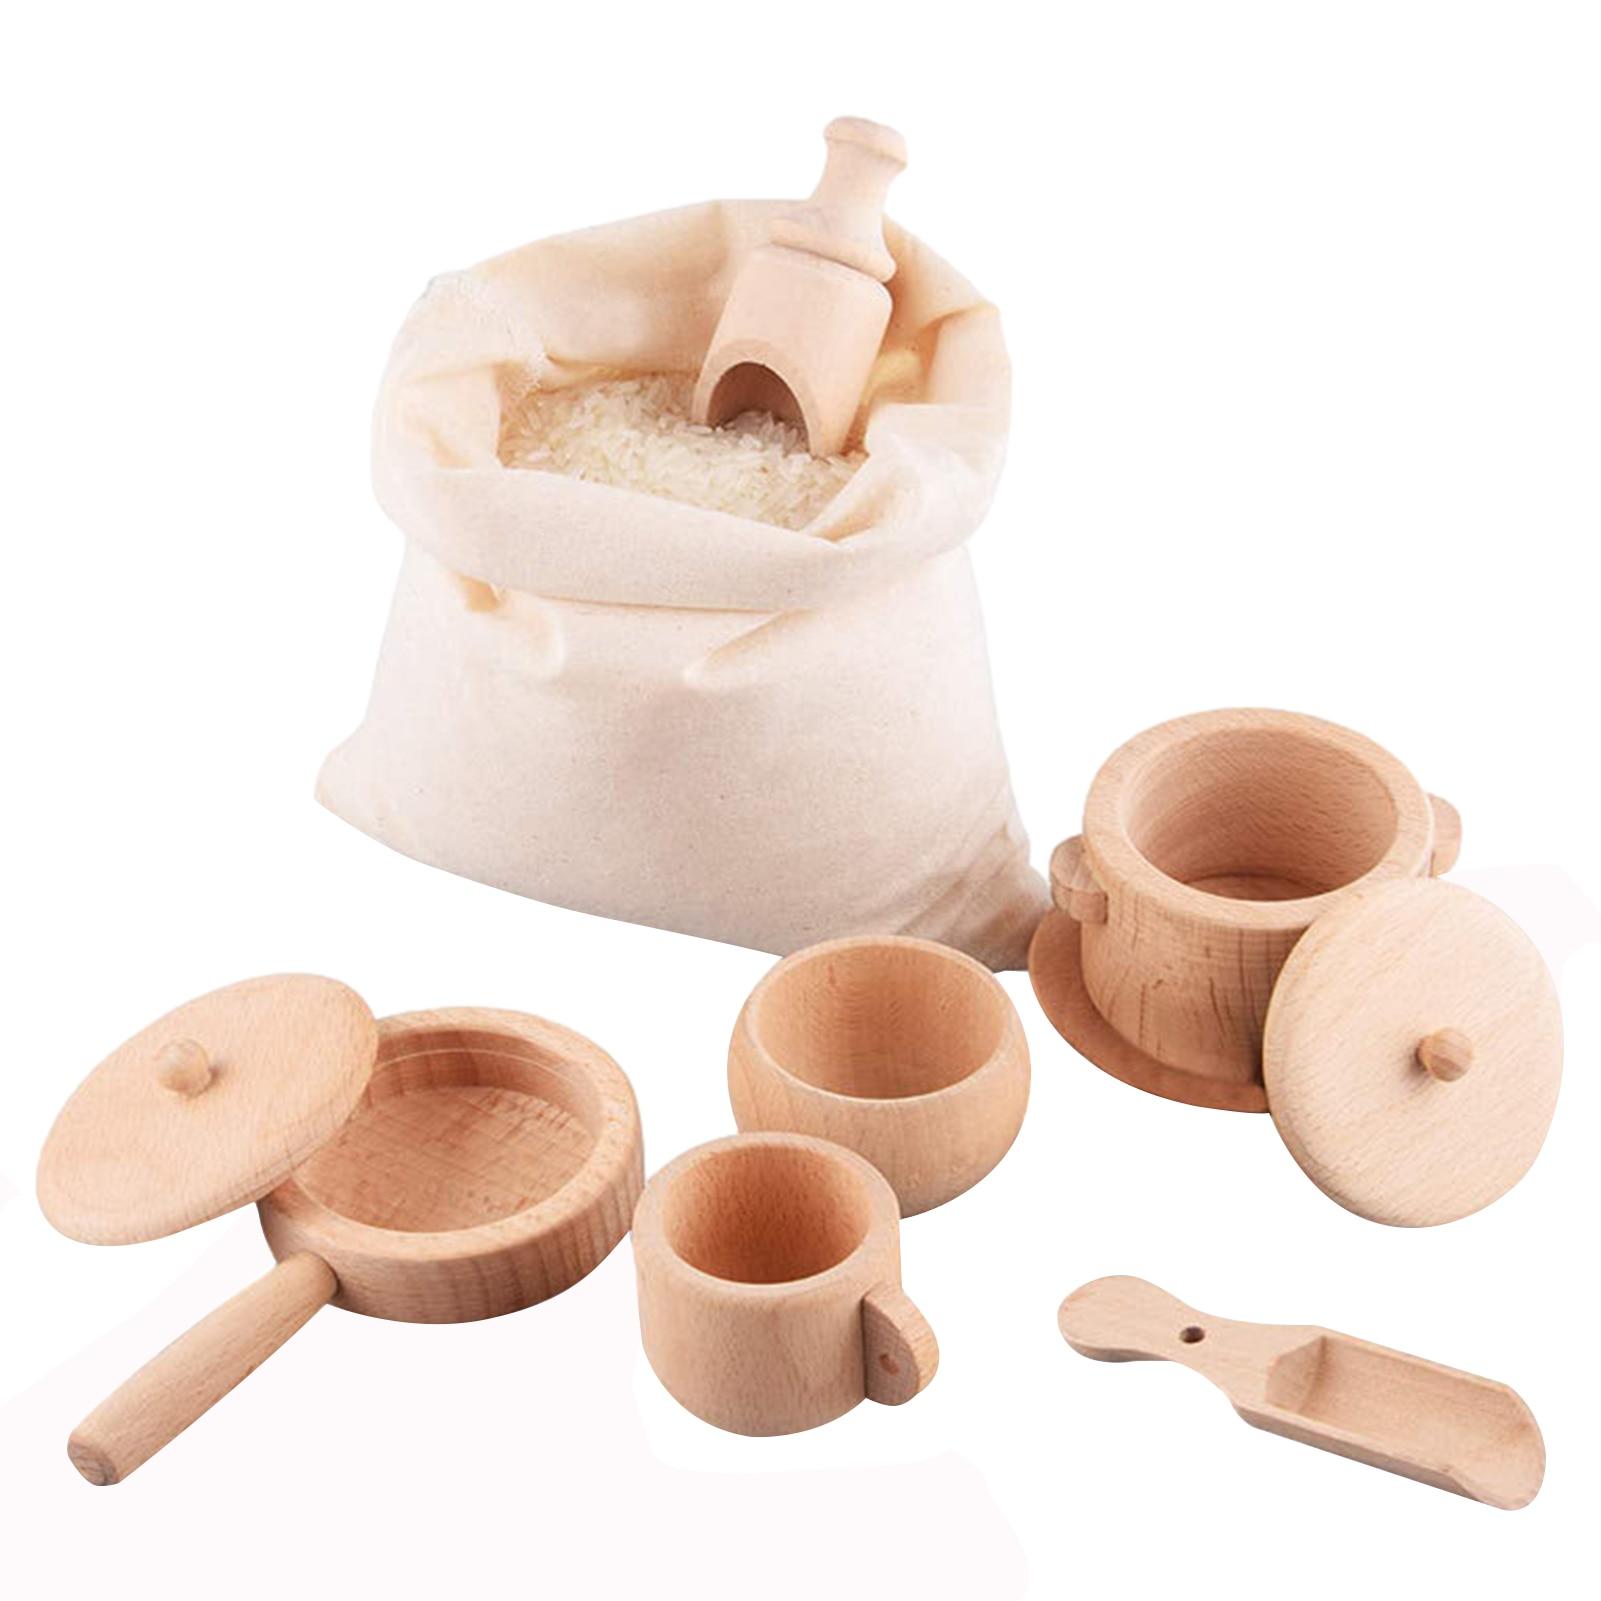 Деревянная сенсорная корзина, инструменты для моторики, набор игрушек для малышей, игрушки Монтессори, деревянная тарелка, игрушки, мини-фо... 18 104 набор для изготовления интерьерной игрушки ксюша 26см